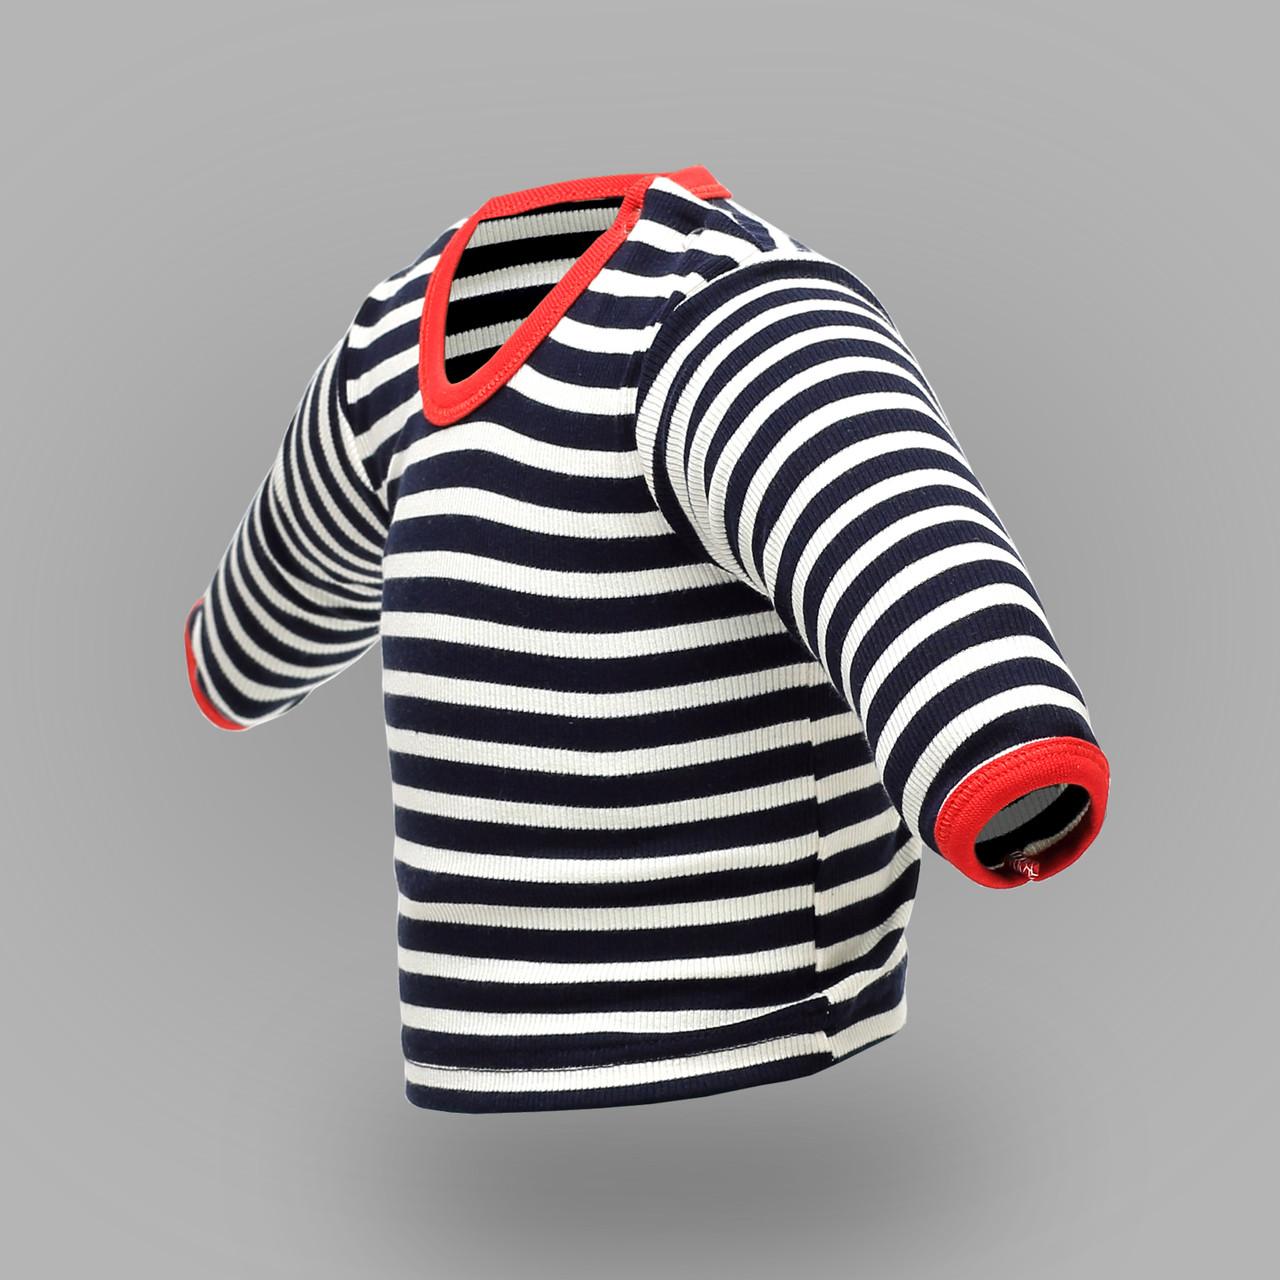 Футболка ясельная с длинным рукавом в полоску |  Футболка дитяча з довгим рукавом в смужку